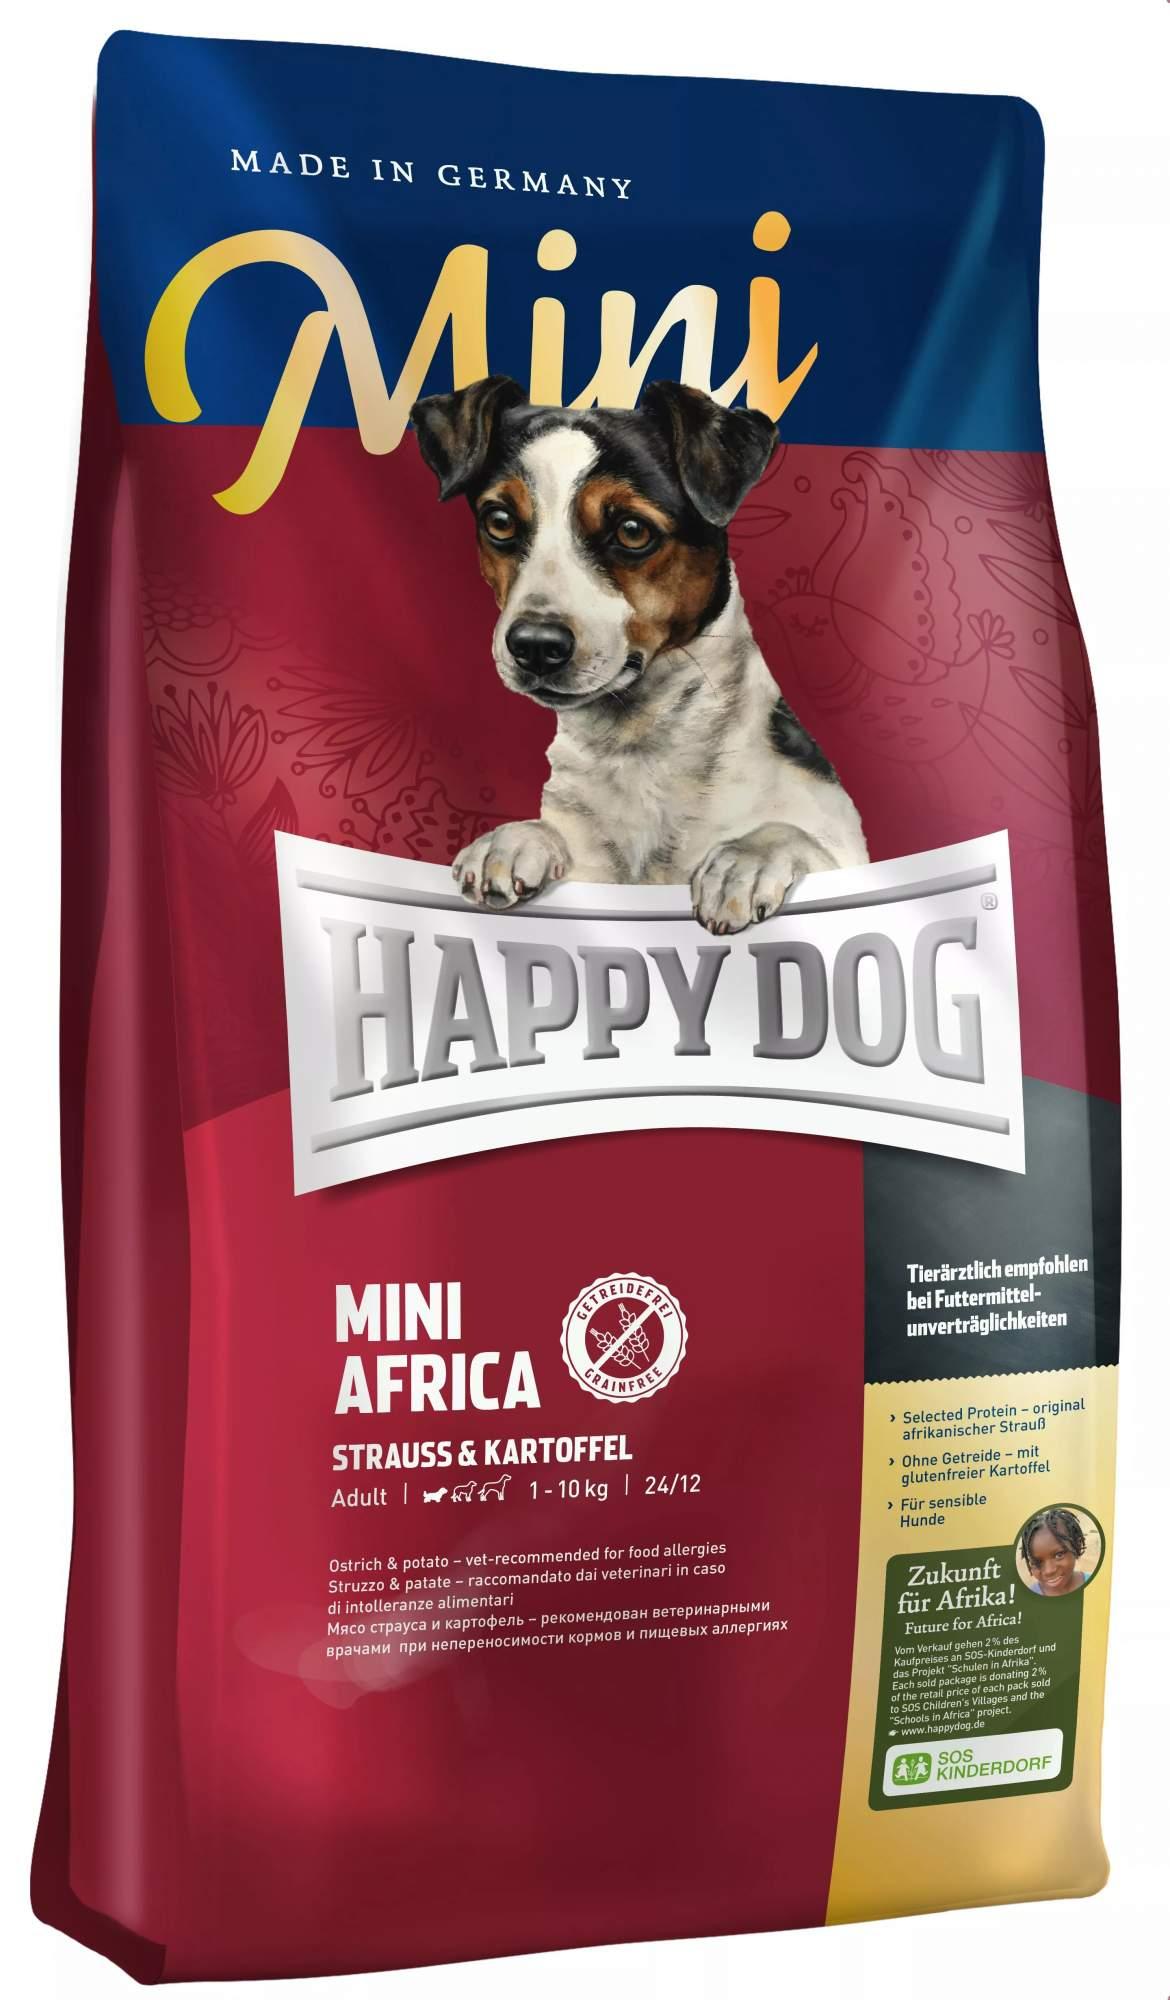 Миниатюра Сухой корм для собак Happy Dog Supreme Mini Africa, мелкие породы, страус, картофель,0,3кг №1